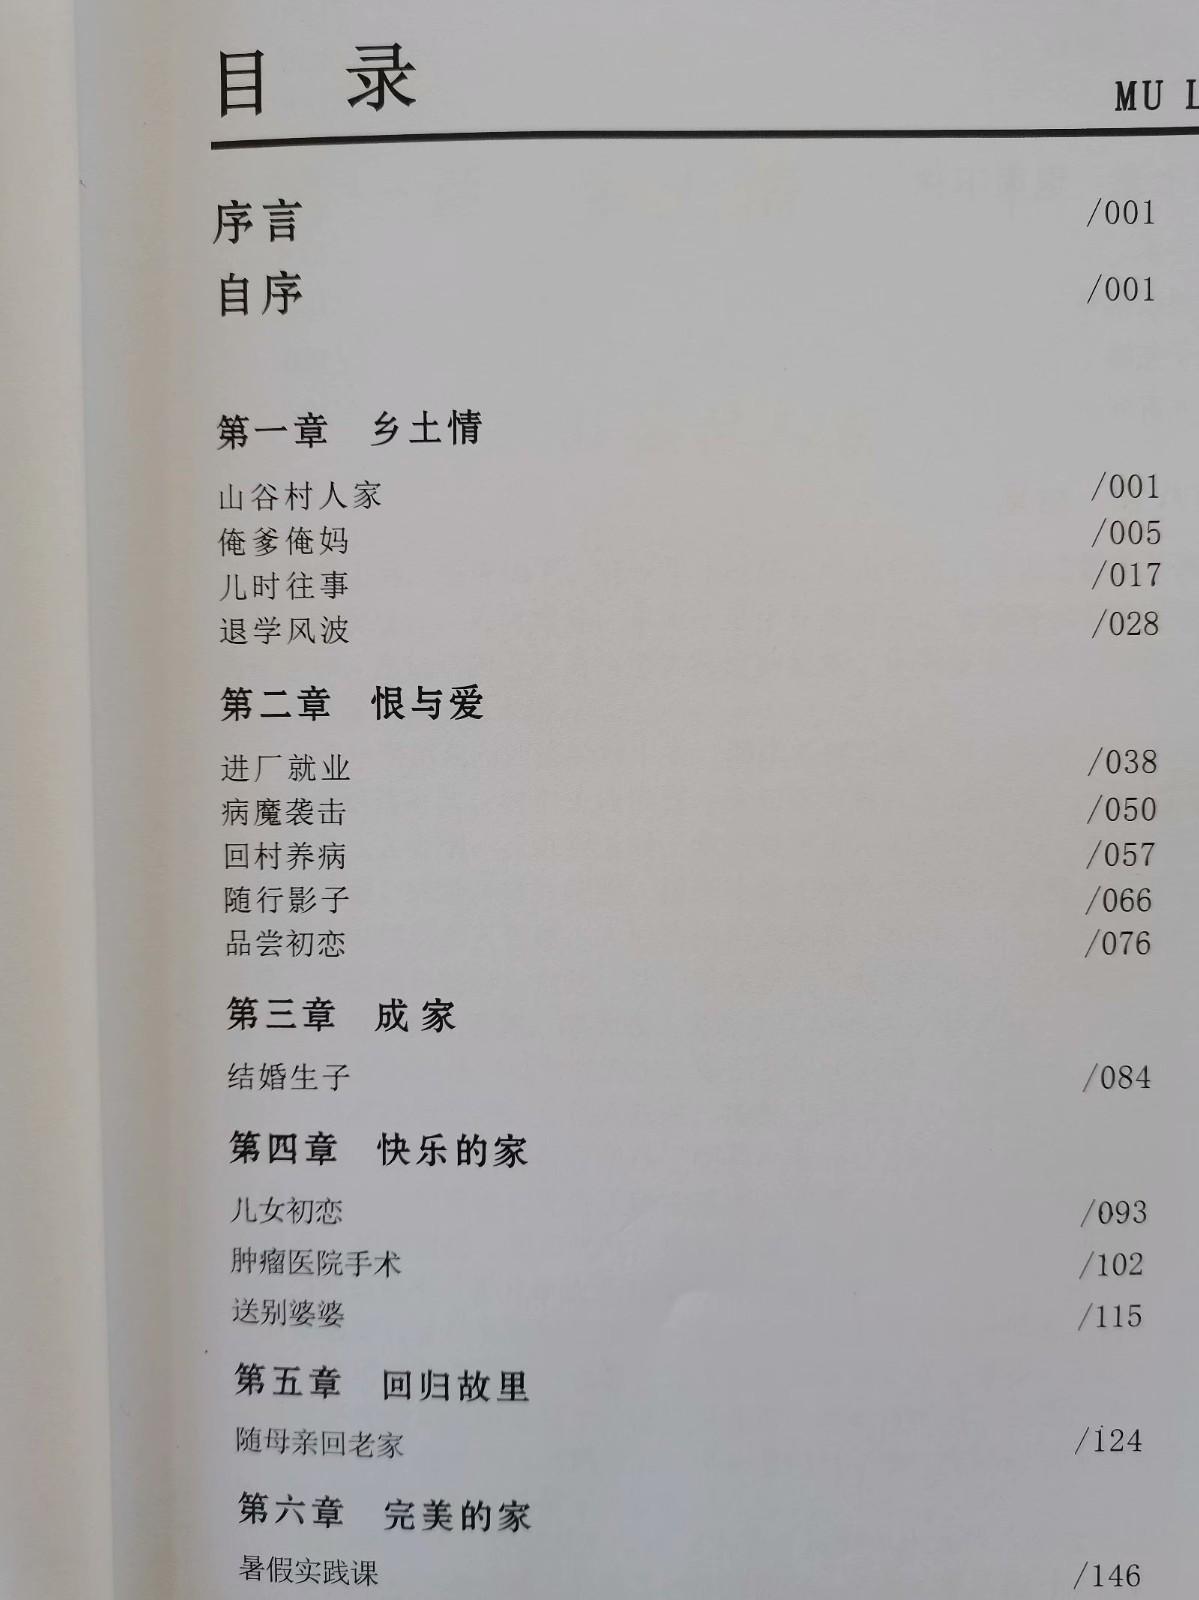 李婶儿的两本长篇小说《家》和《追梦之路》_图1-3